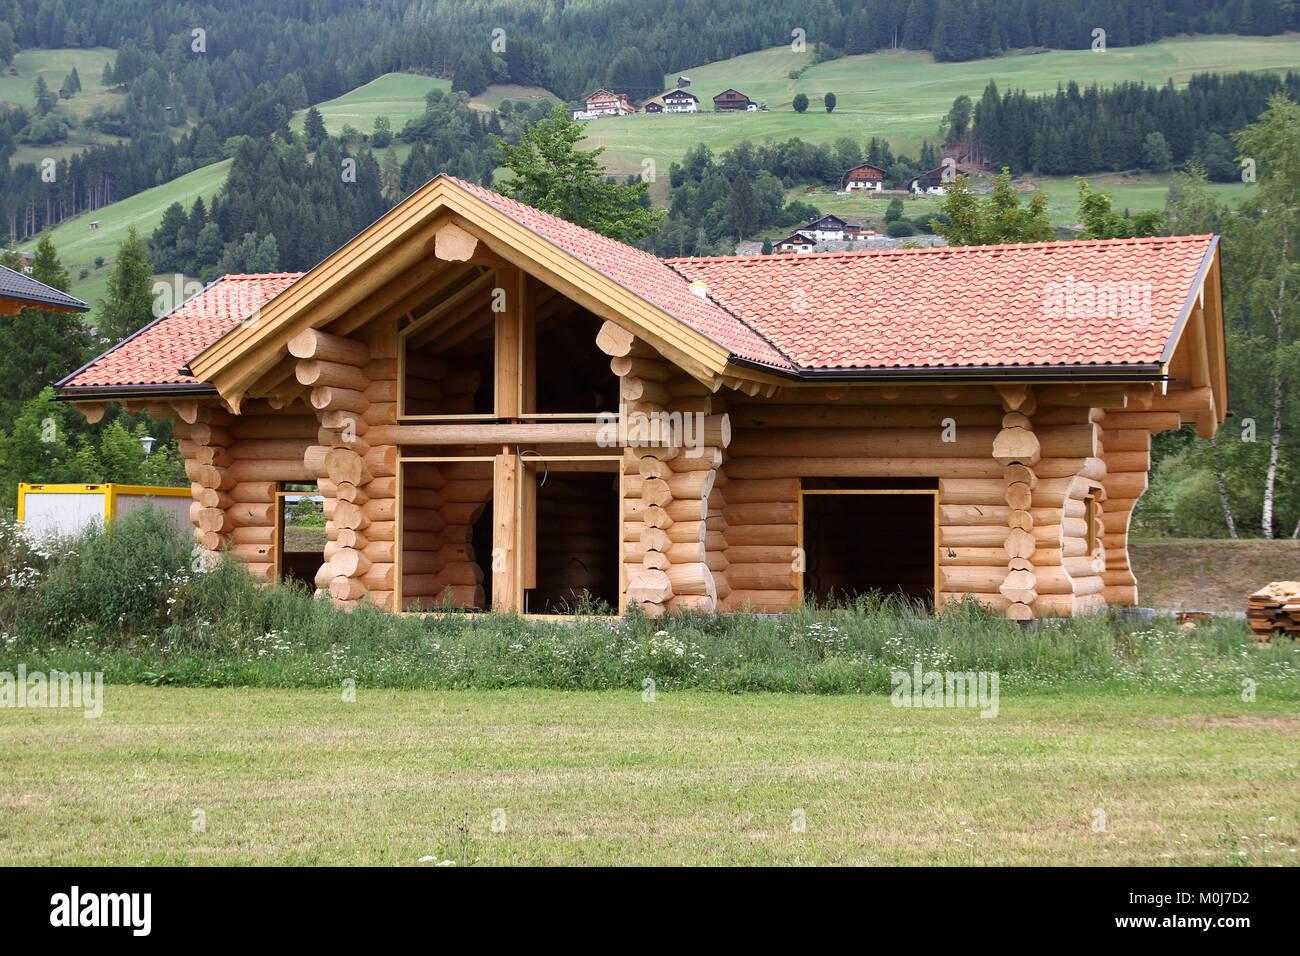 Maison en bois en construction dans la r gion de tyrol autriche mat riaux de construction - Materiaux de construction de maison ...